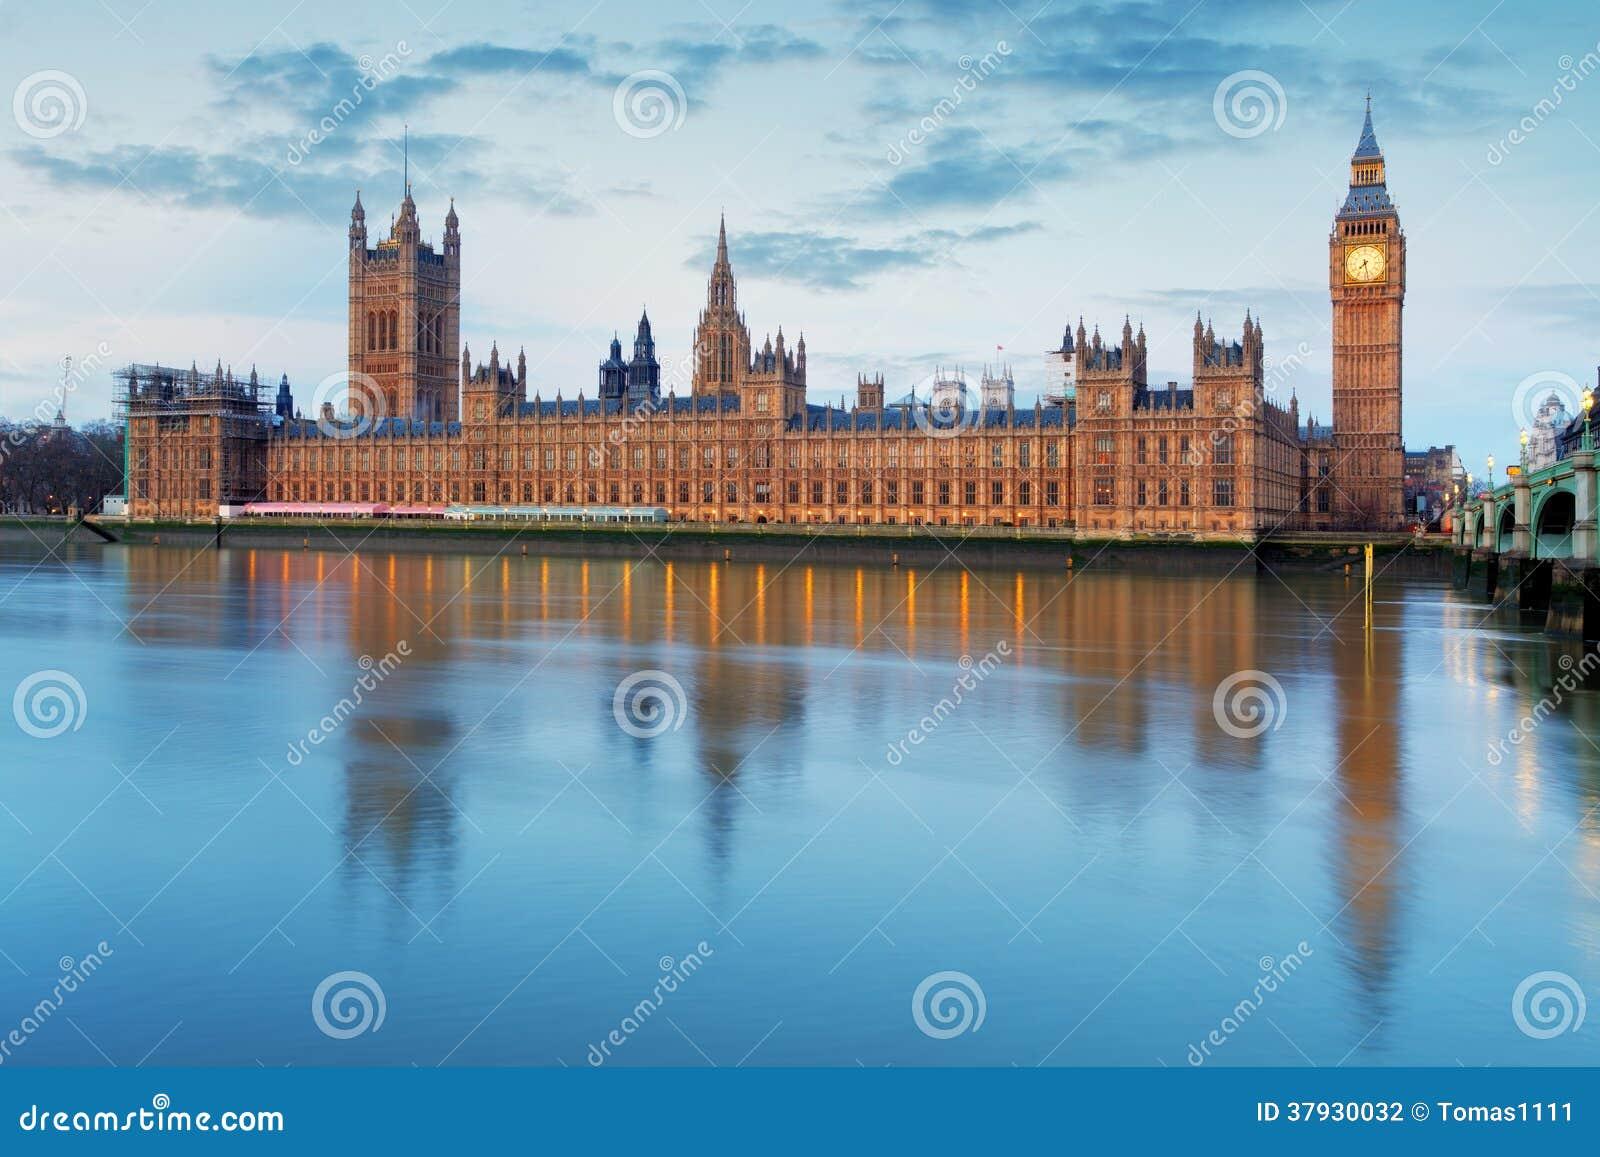 Парламент Великобритании - большой ben, Англия, Великобритания